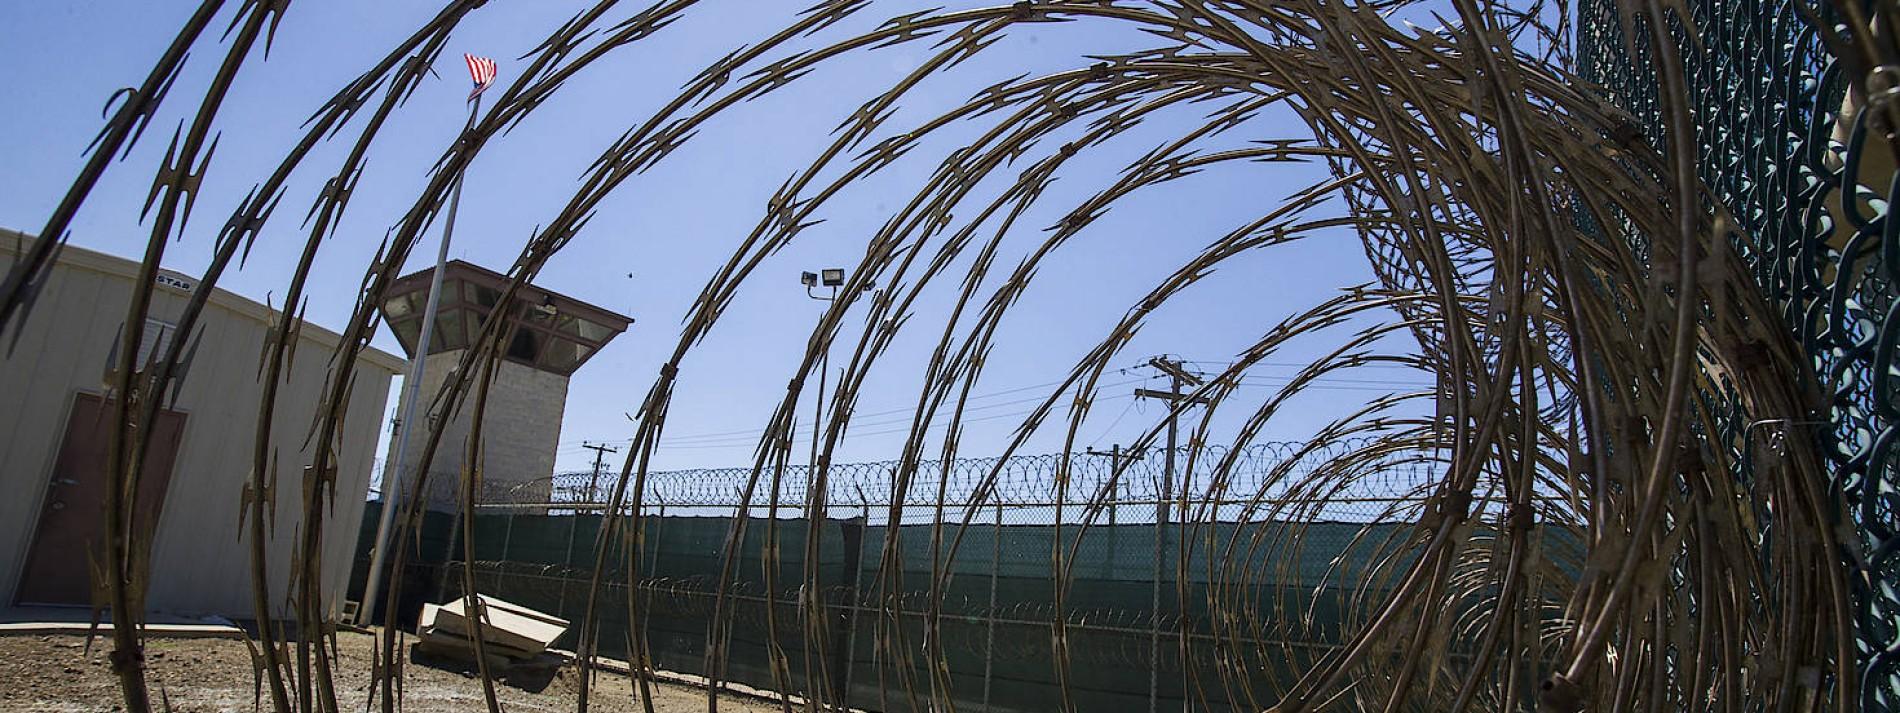 Häftling aus US-Gefangenenlager Guantánamo entlassen